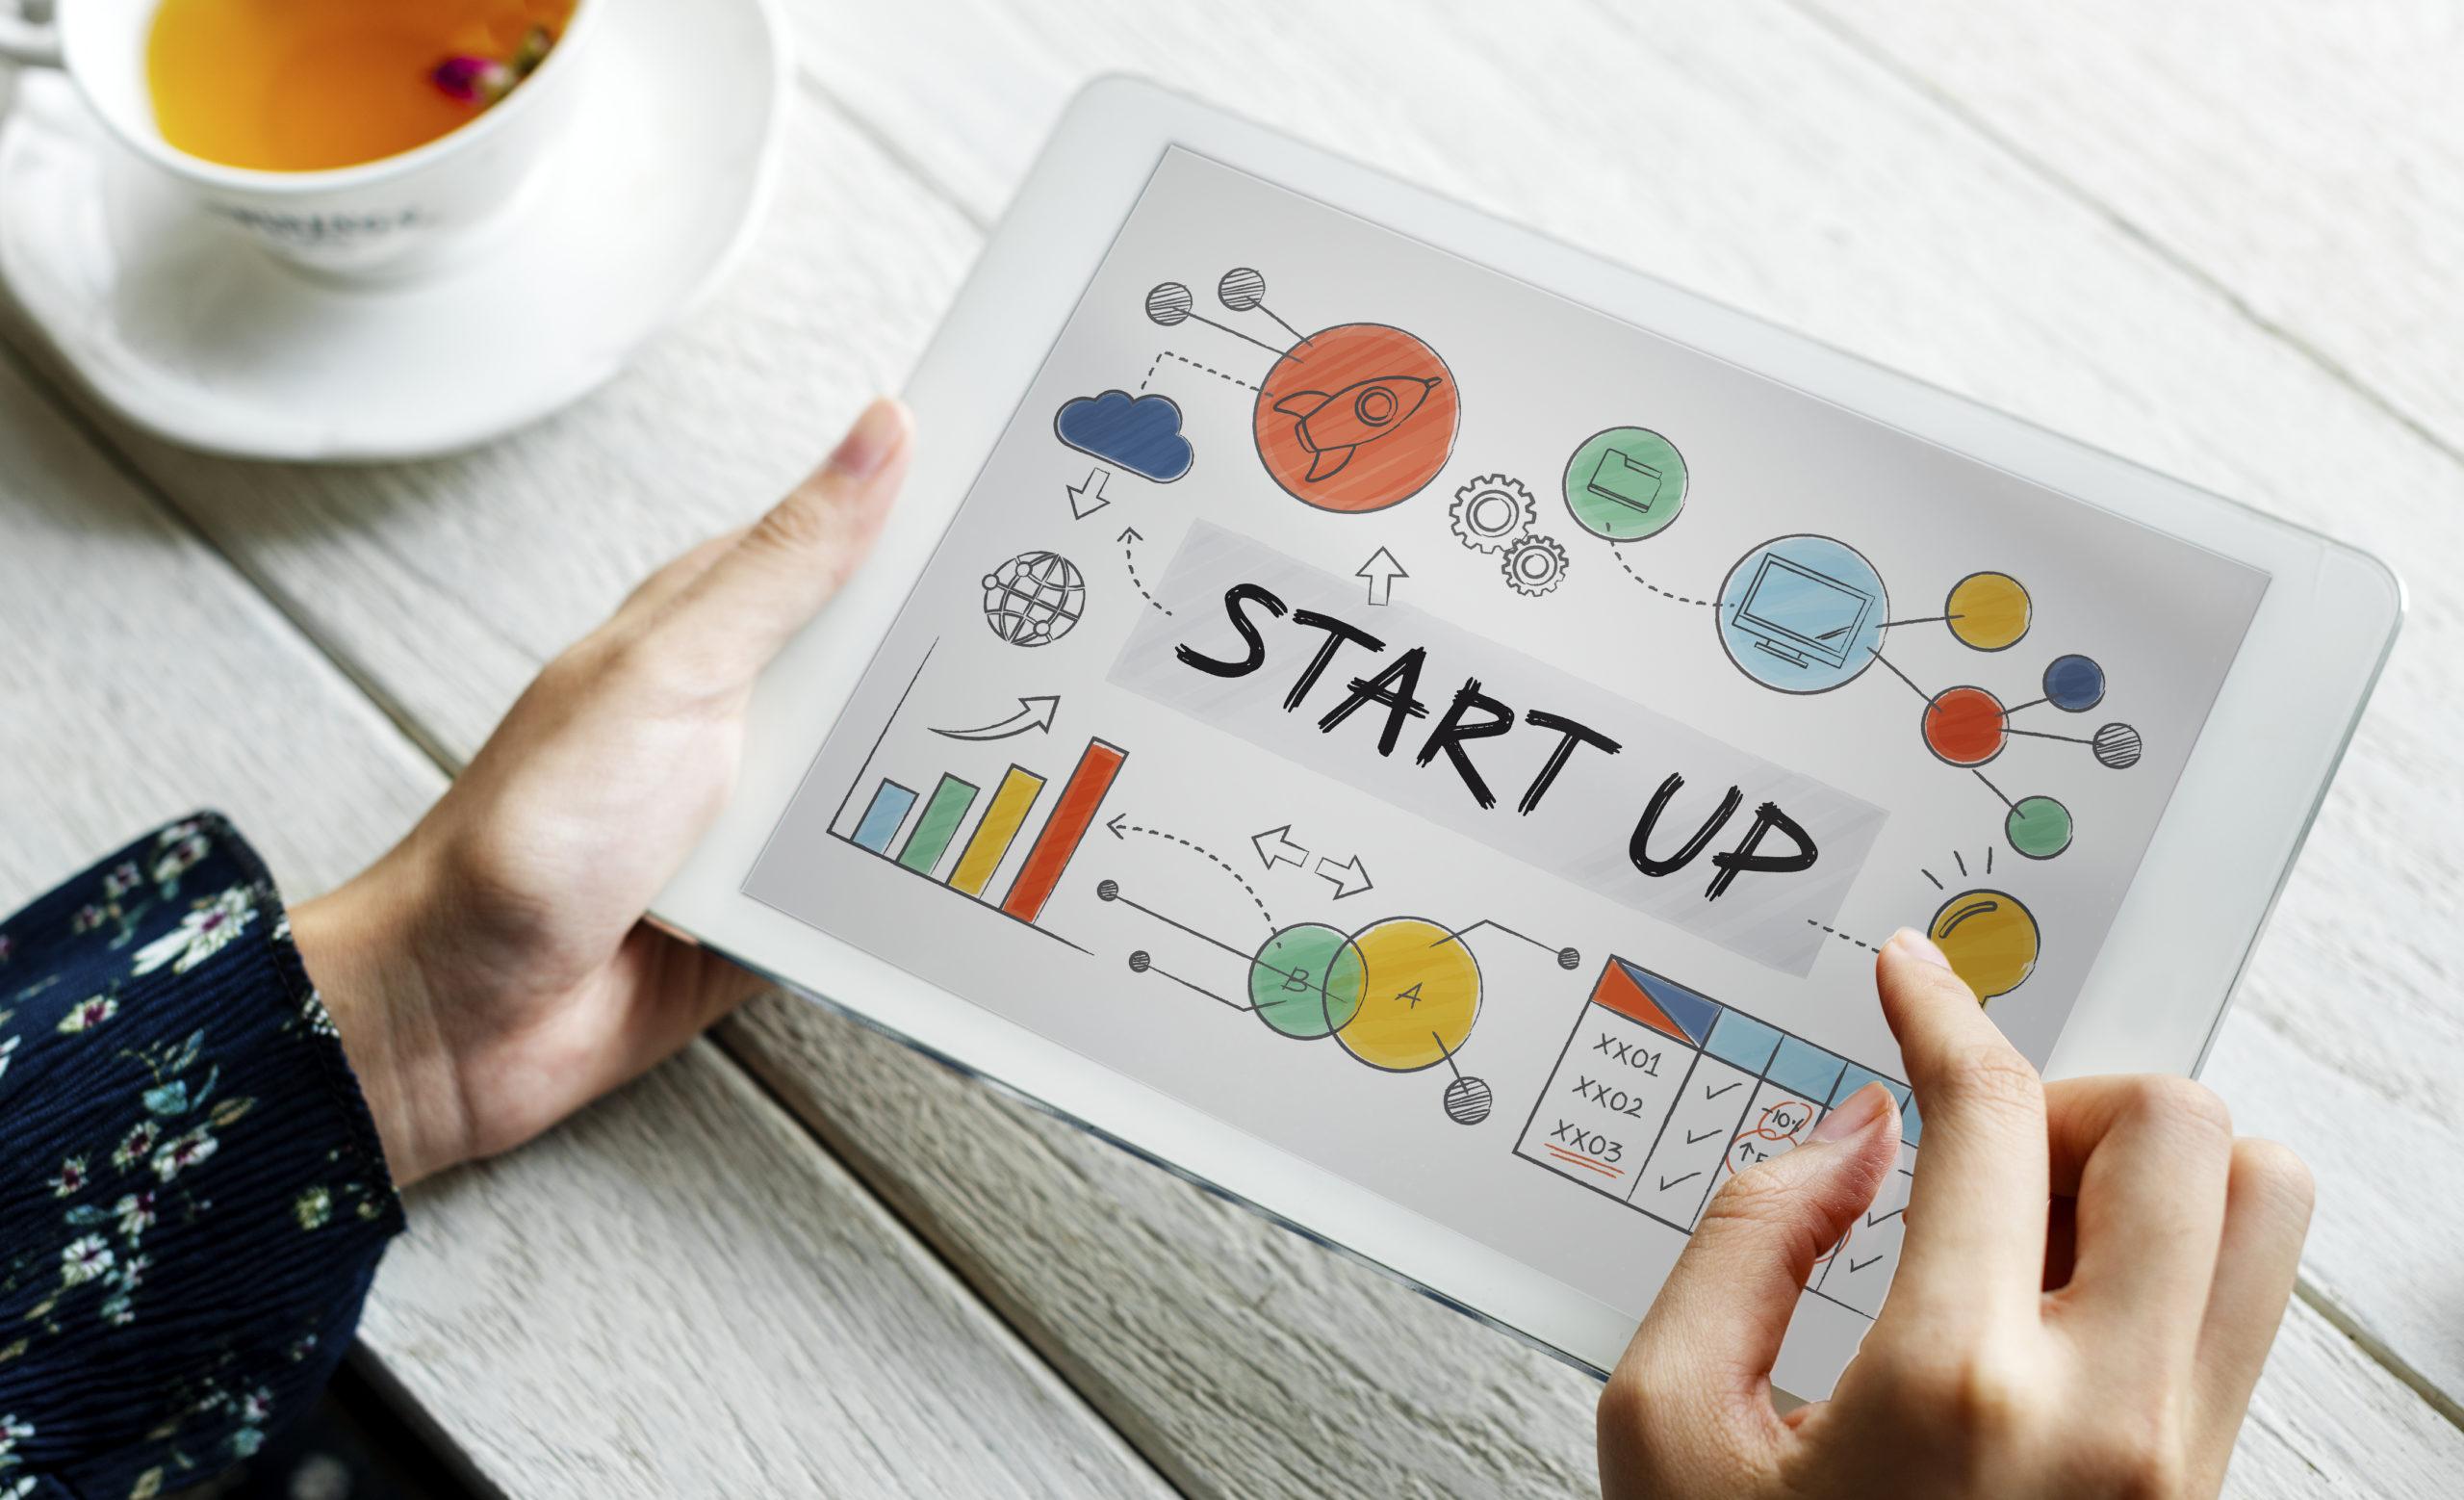 Inscrições Abertas Para O Startup Mentoring UFSC